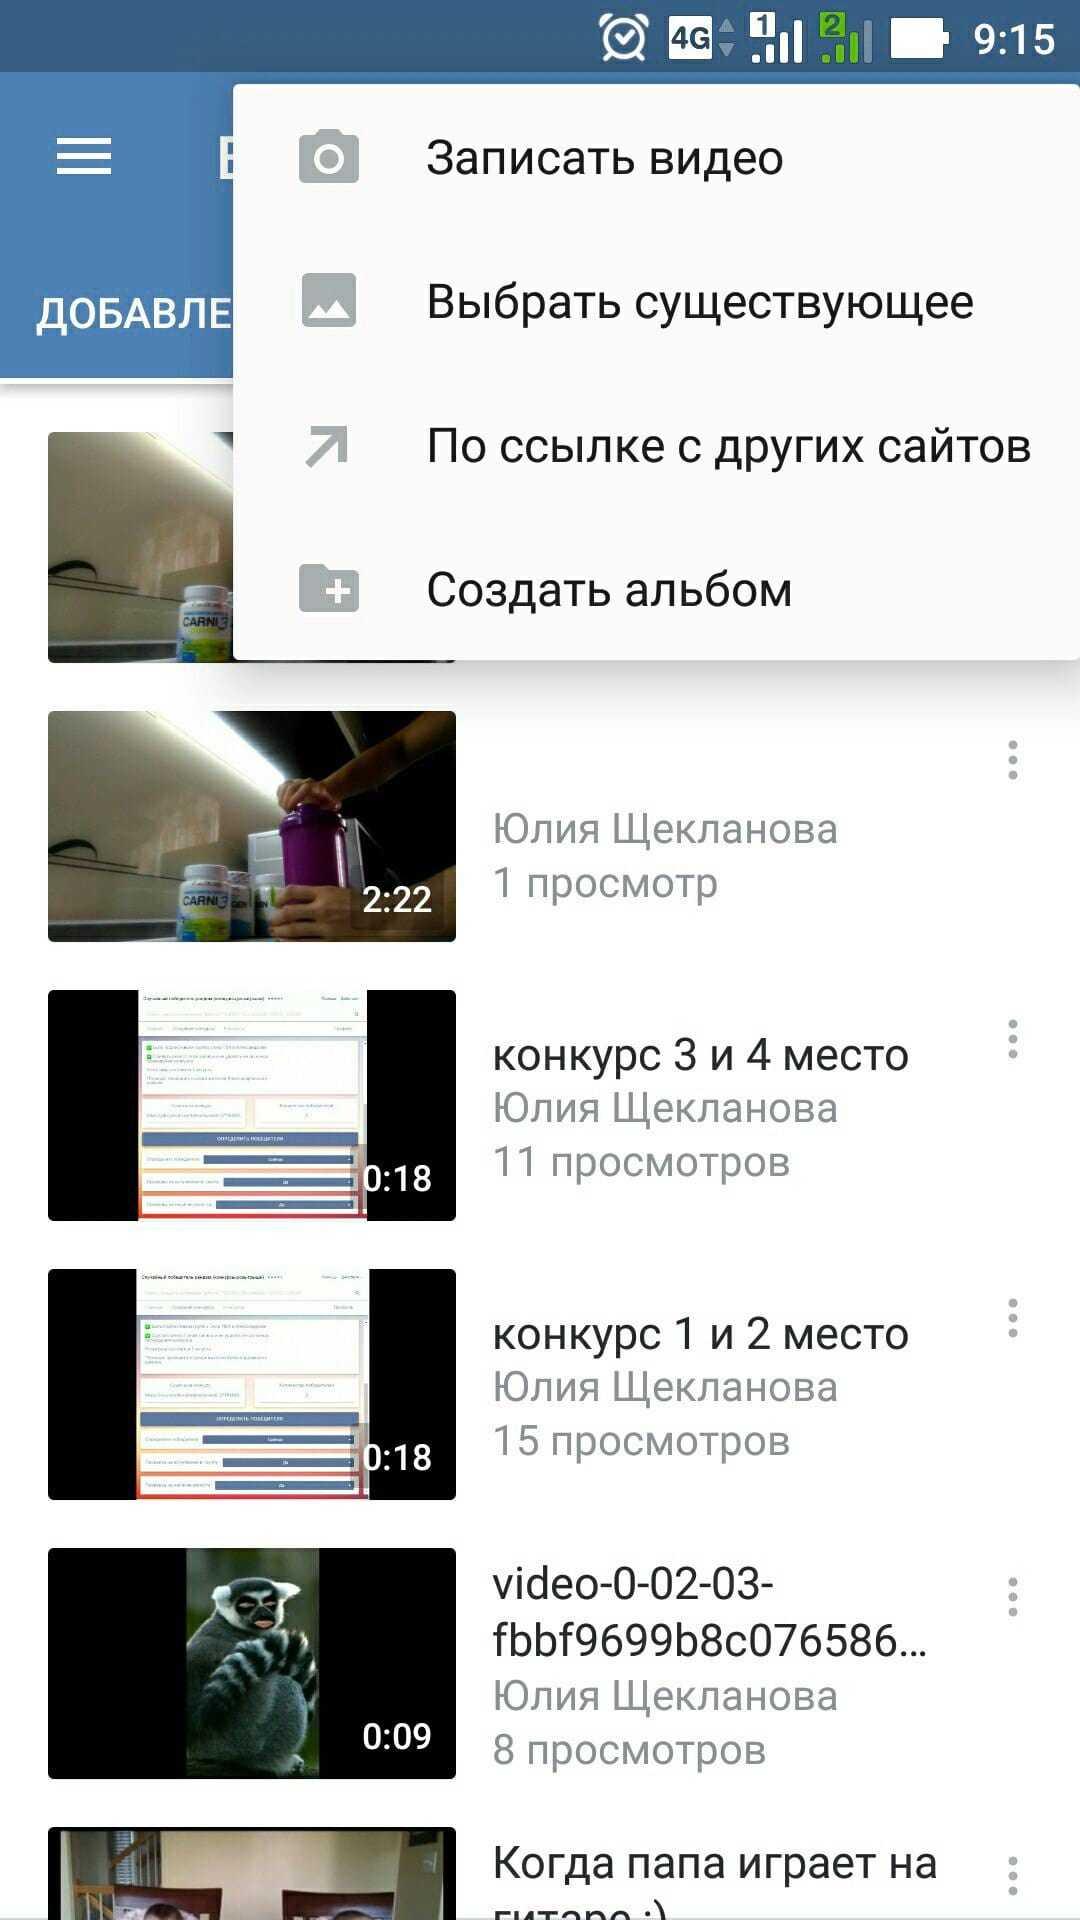 Как загрузить клип с мобильного устройства